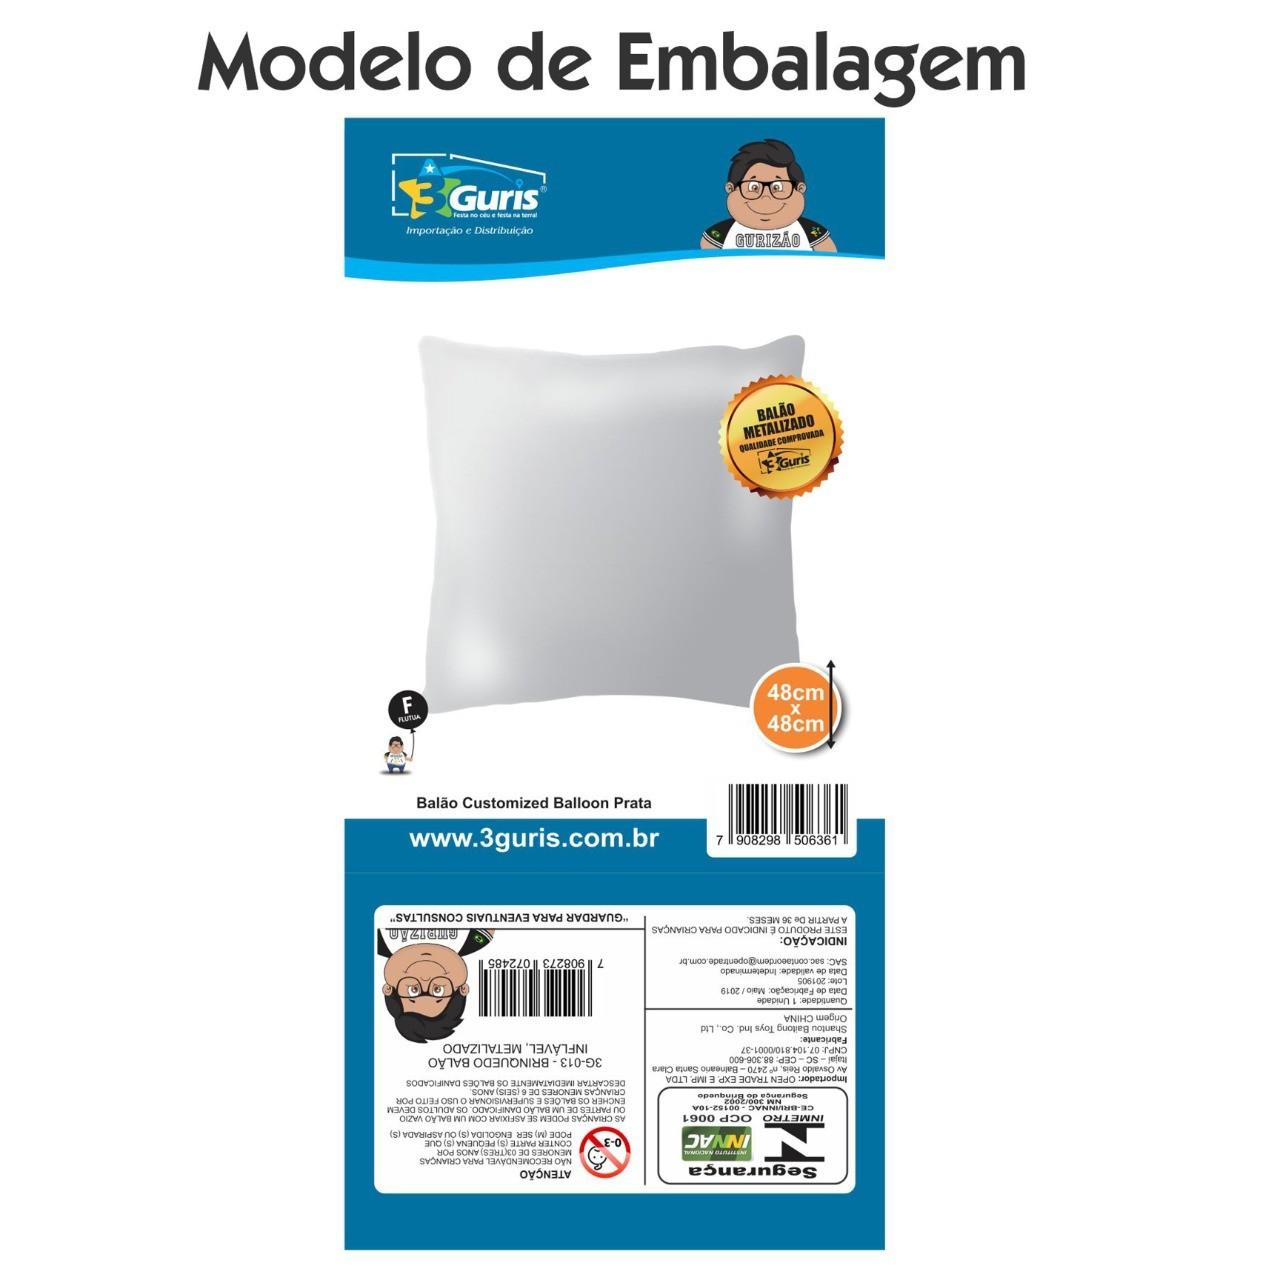 BALÃO CUSTOMIZED BALLOON VERMELHO - UNIDADE